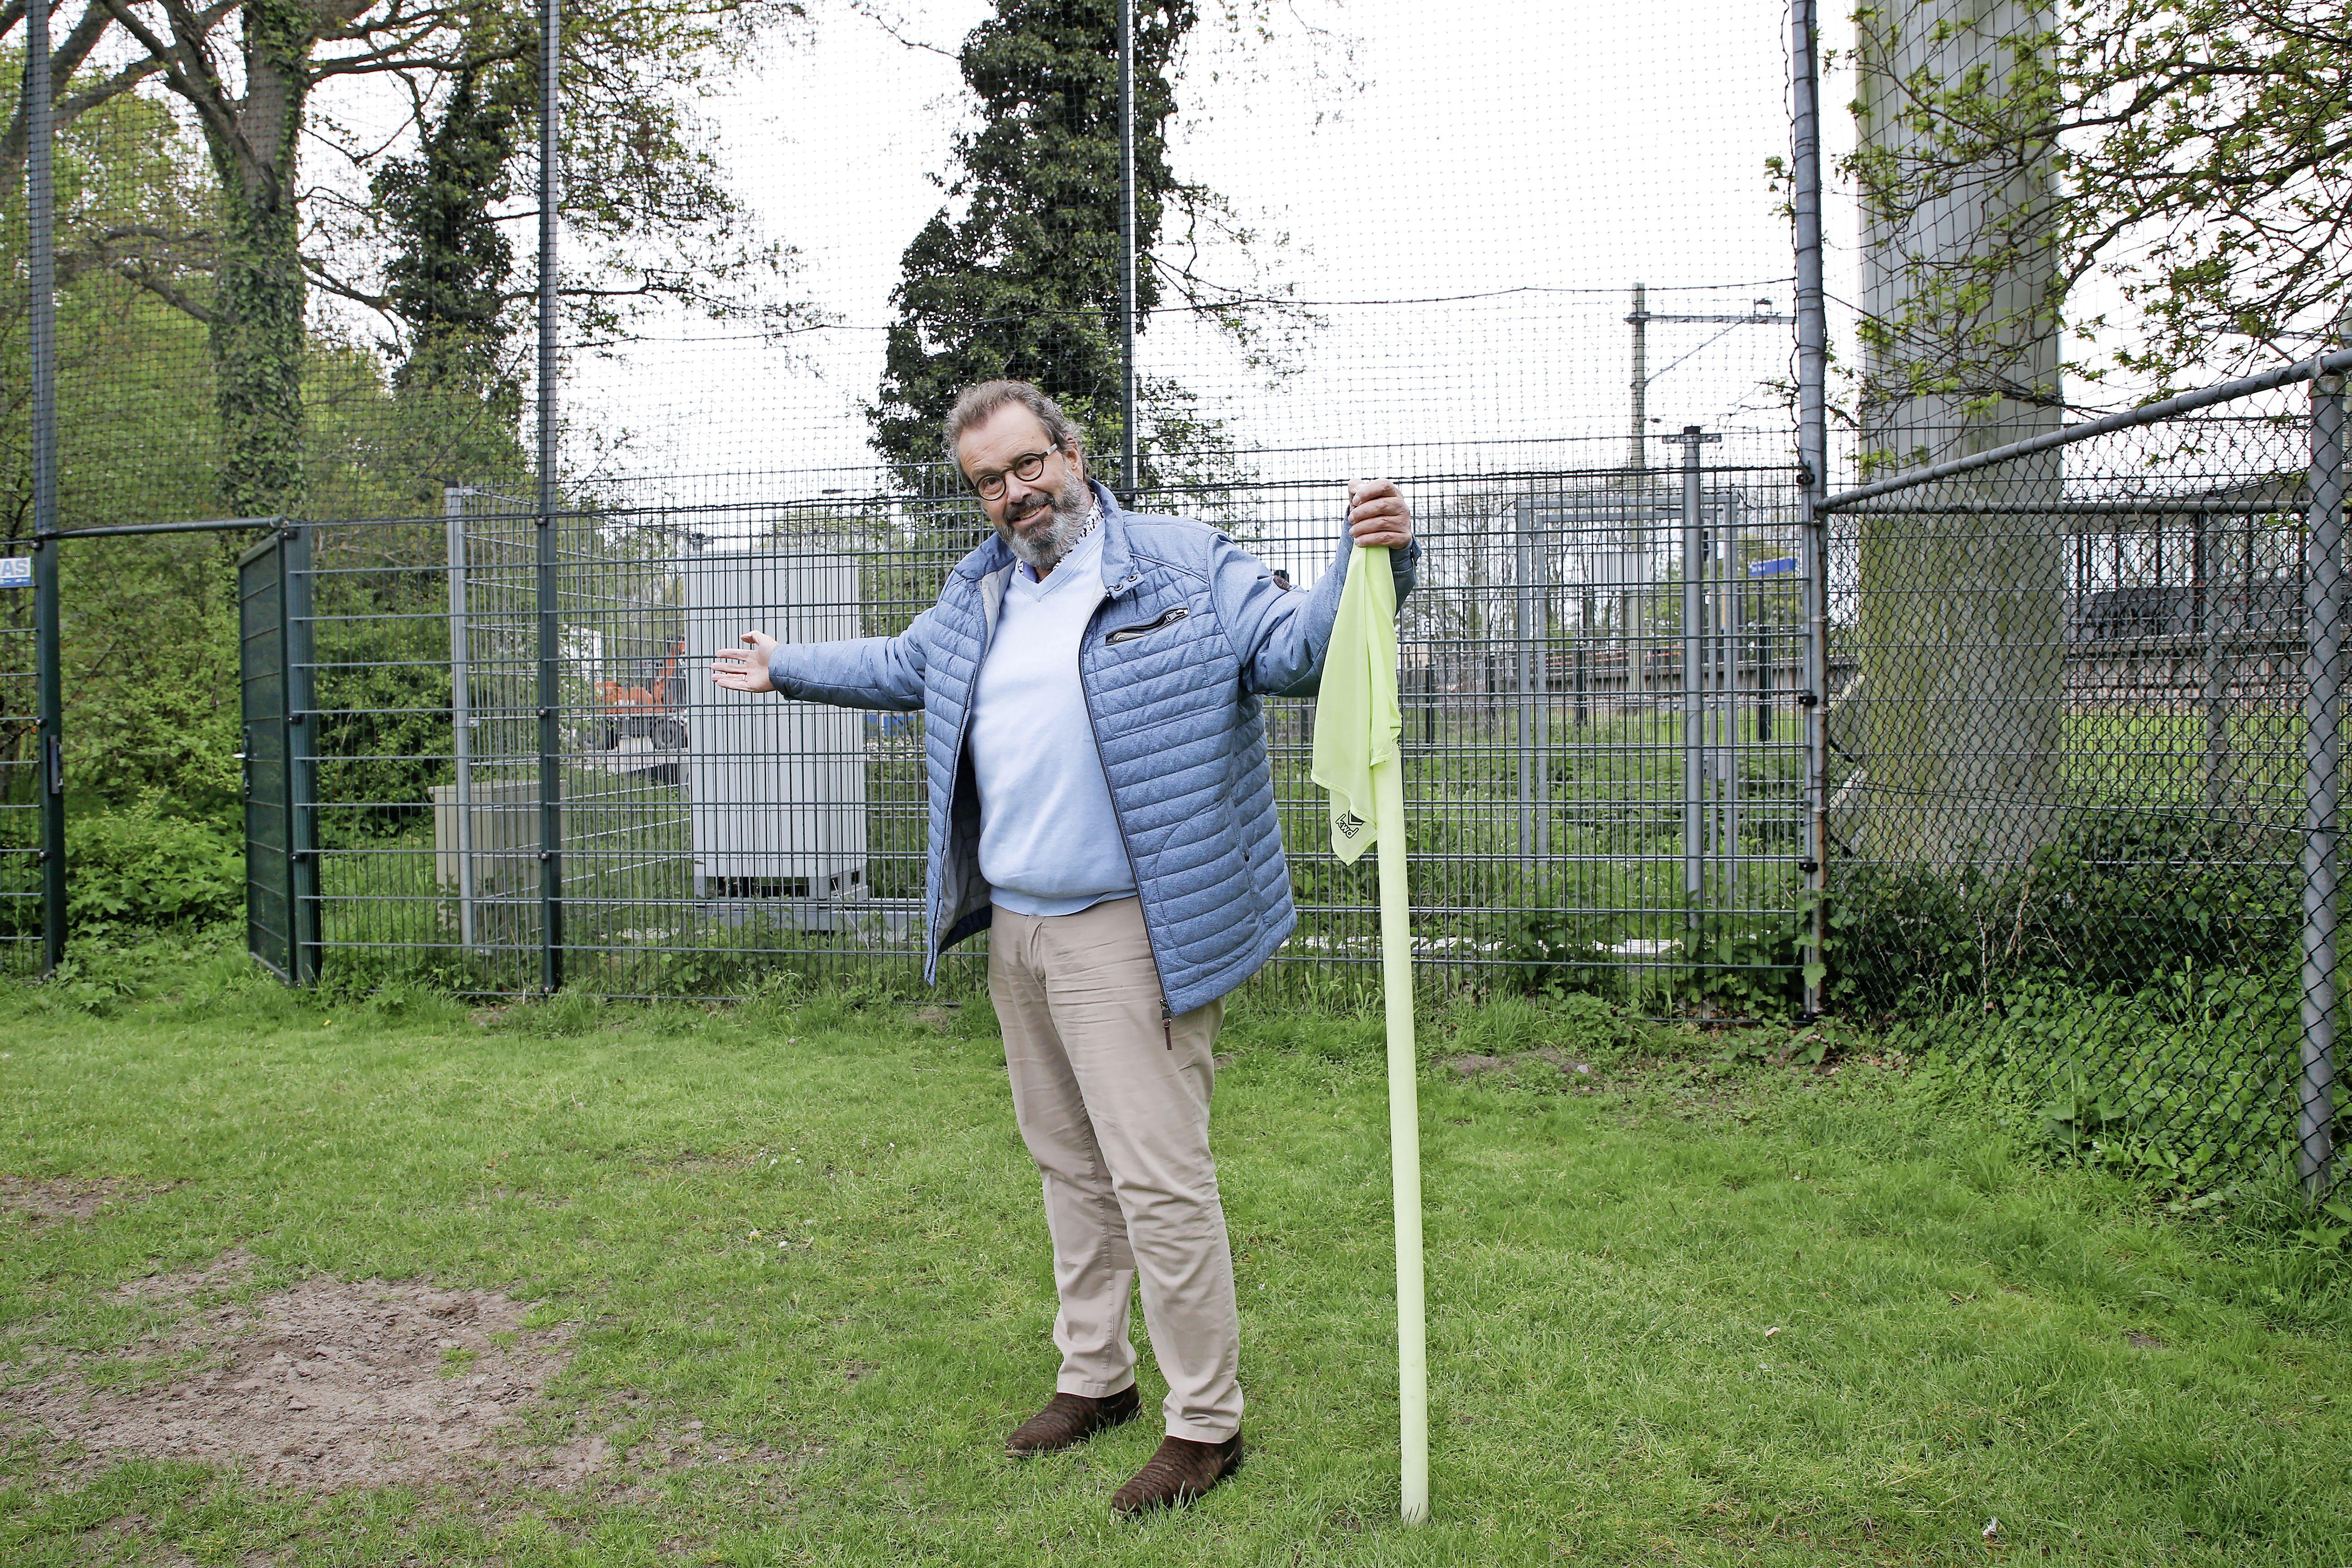 Woningbouw op de velden van RKVV Velsen in Driehuis en verhuizing van de voetbalclub lijken ver weg, bestuur is verrast